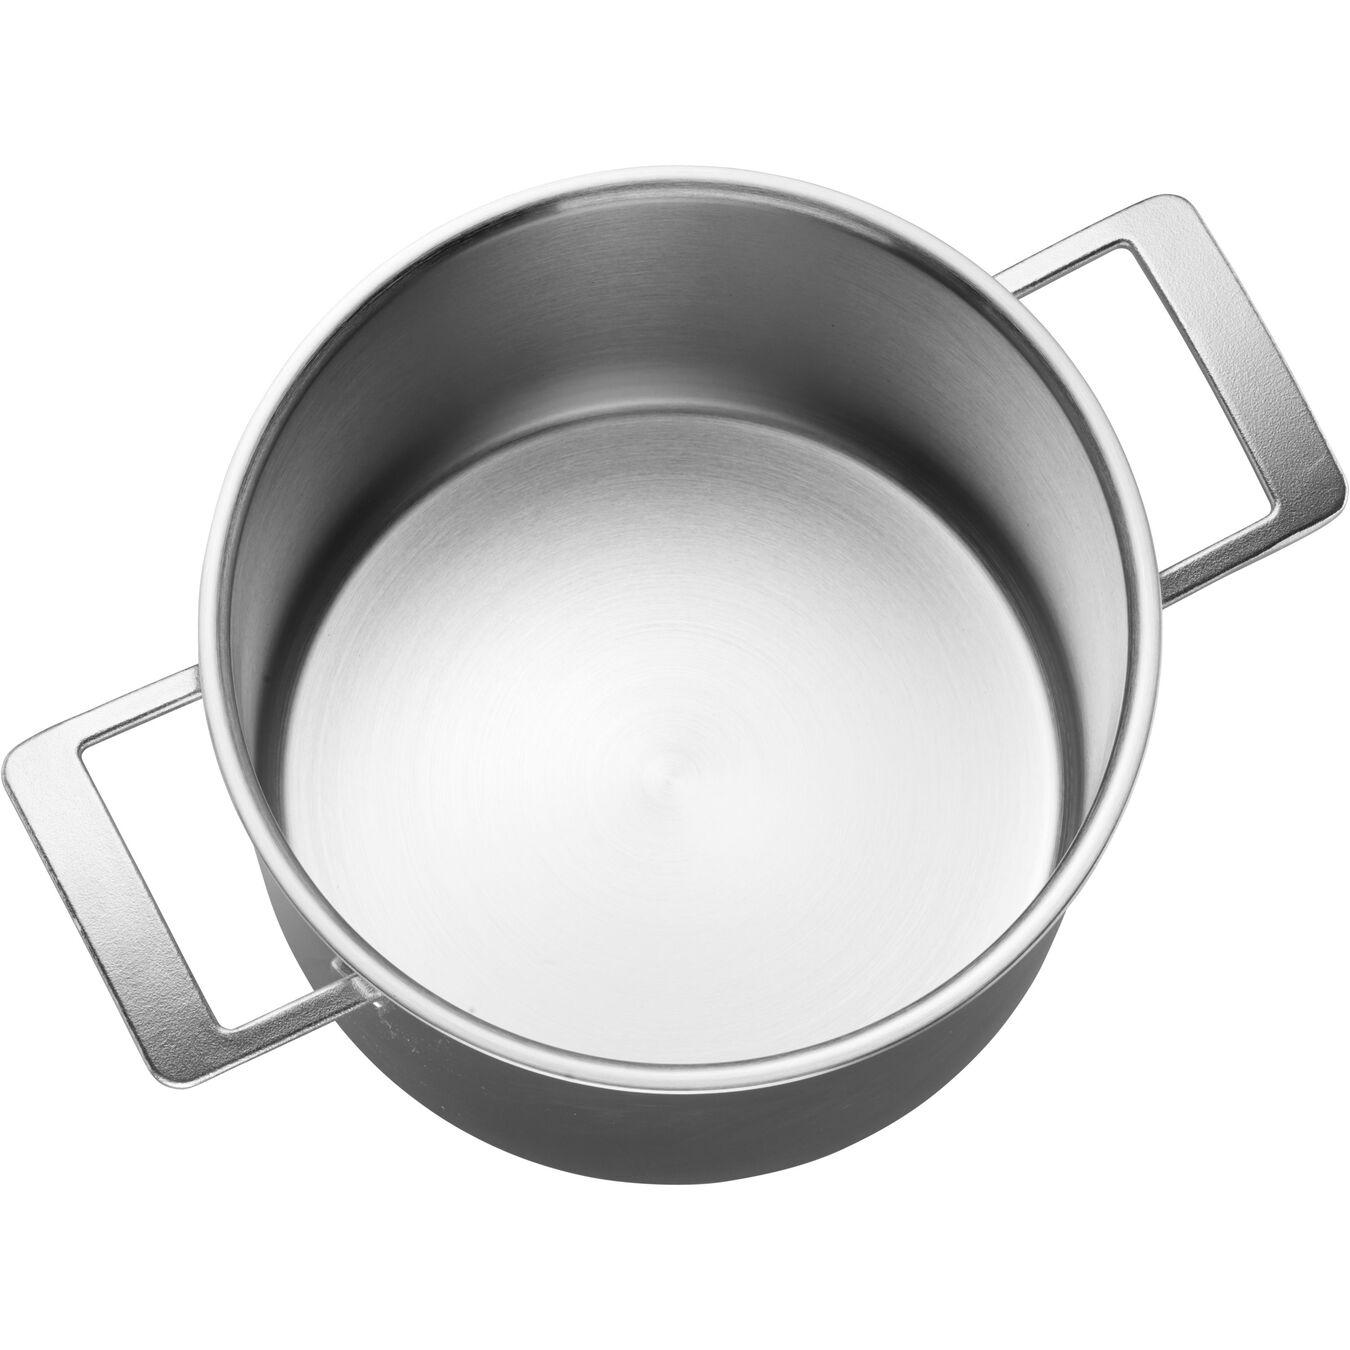 Pentola con coperchio - 24 cm, acciaio,,large 5